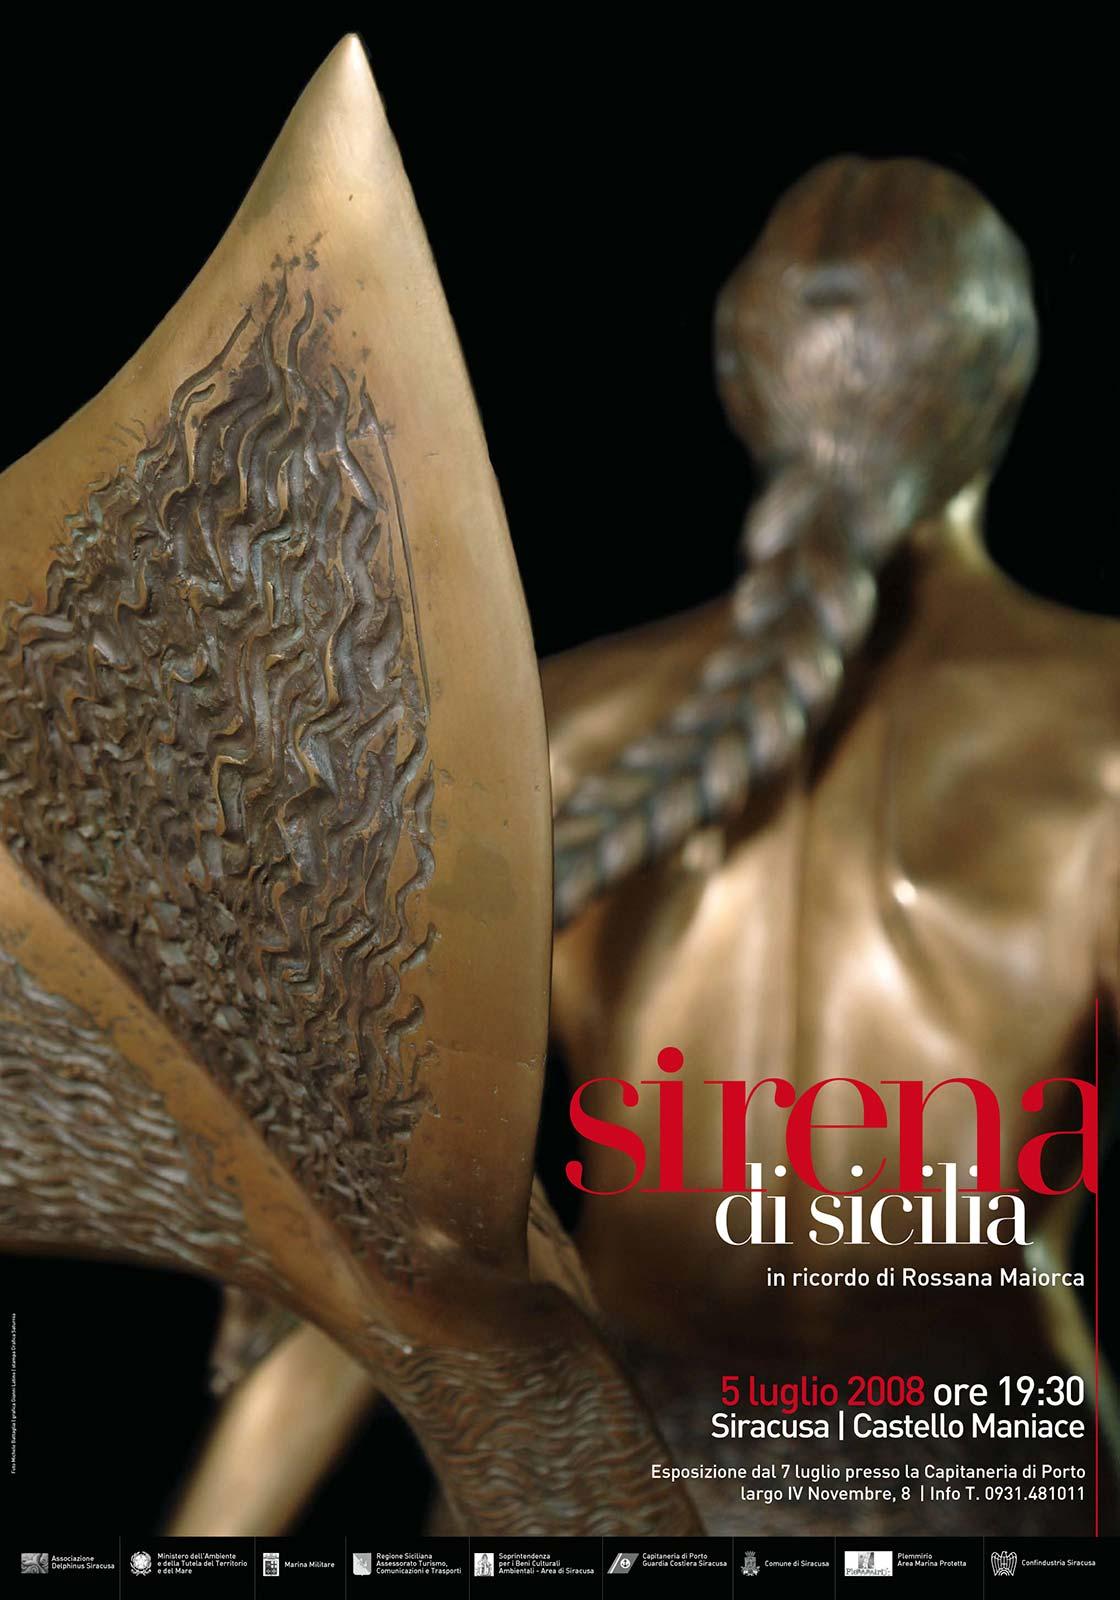 Manifesto Sirena di Sicilia